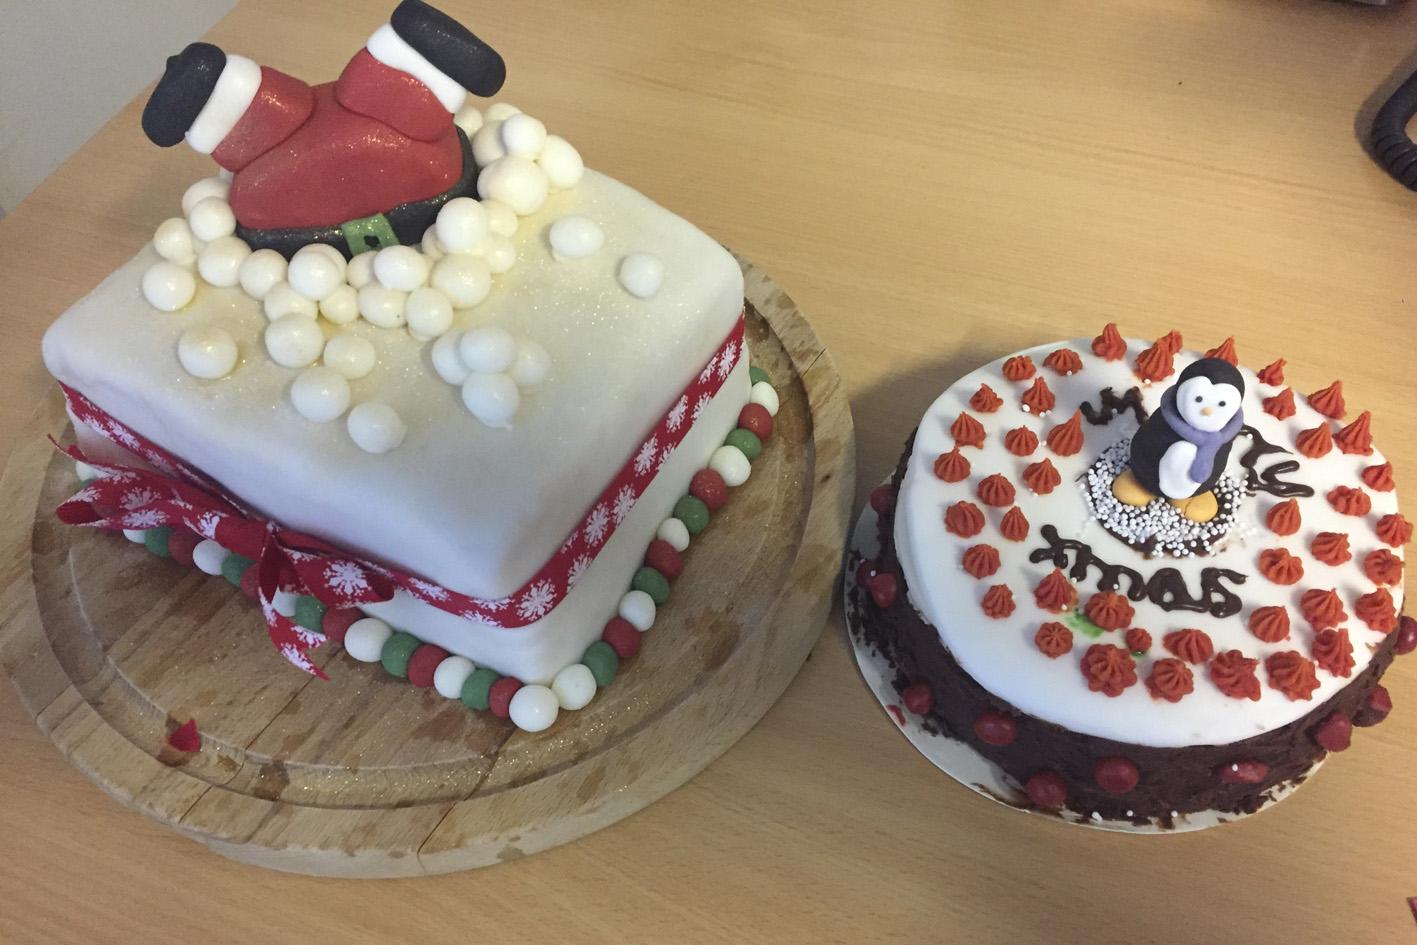 FHDC Christmas Cake